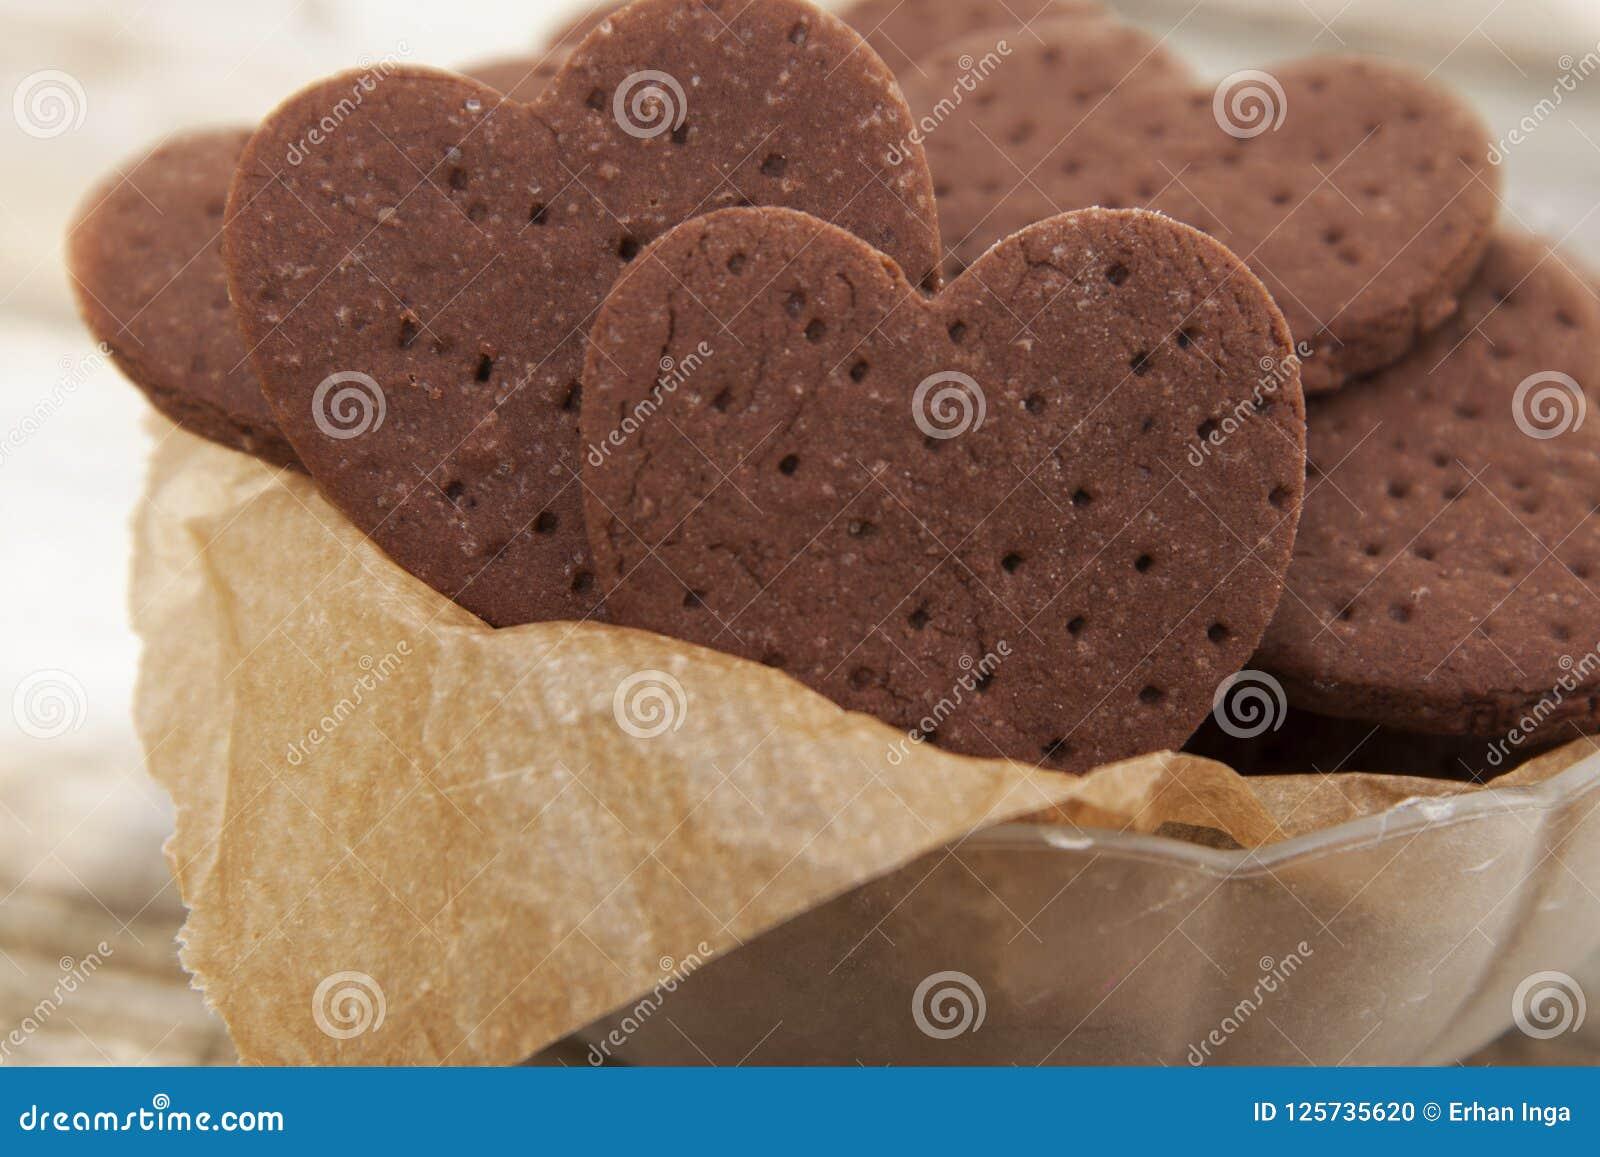 ♥ Sweetest HONEY Homemade ♥: Oreo CheeseCake in Jar